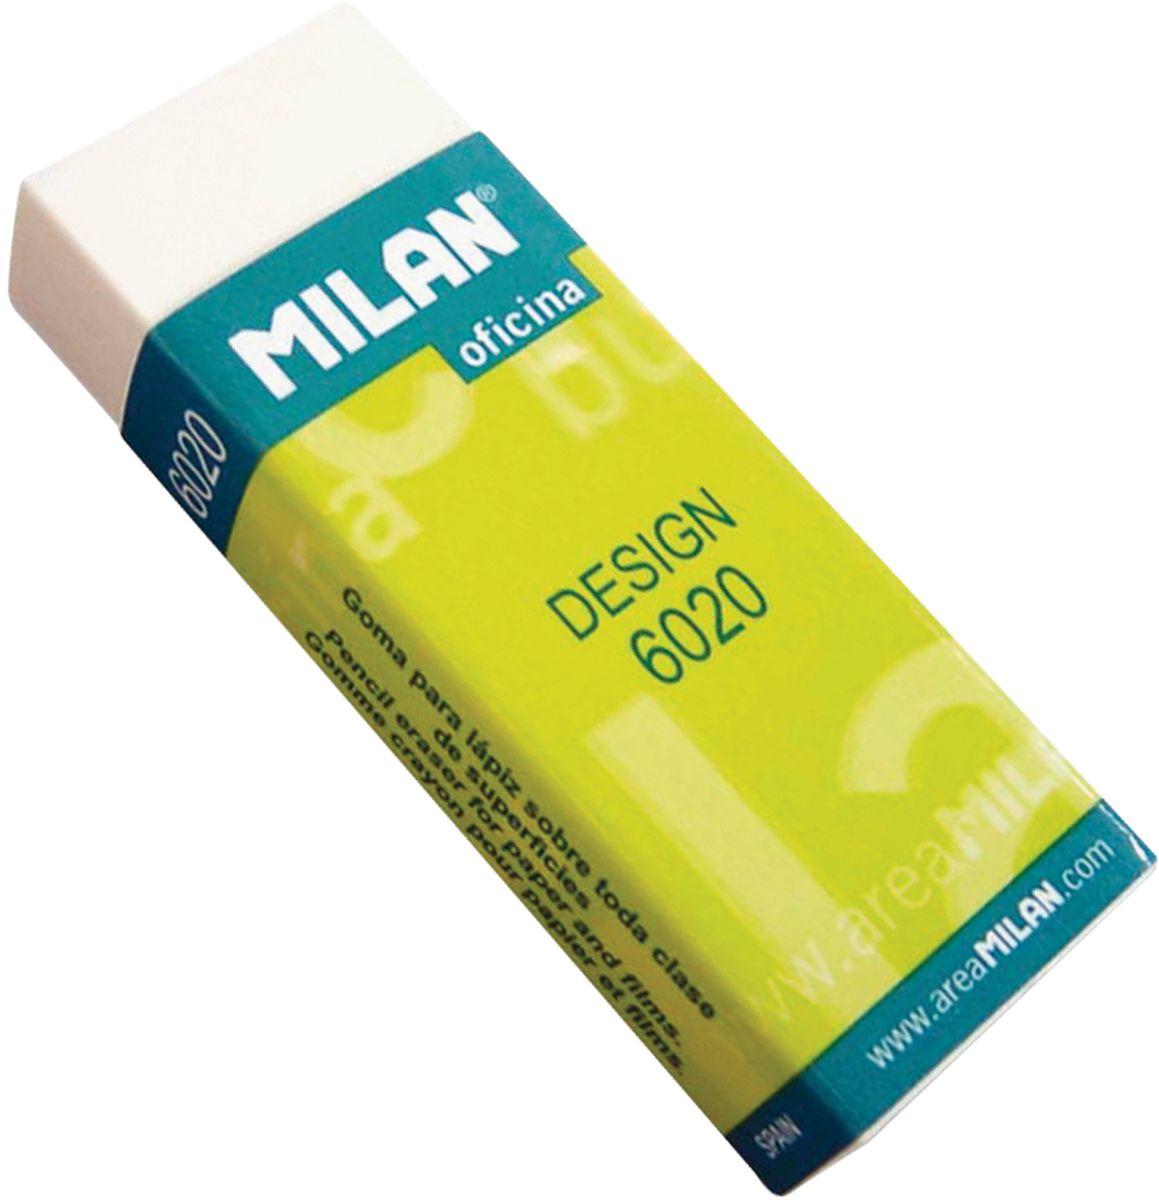 Milan Ластик Design 6020 прямоугольныйCPM6020Ластик Milan Design 6020 - это синтетический ластик широкого спектра применения в области дизайна и графики, конструкторских работ, архитектурных проектов. Картонный держатель, высокие функциональные свойства.